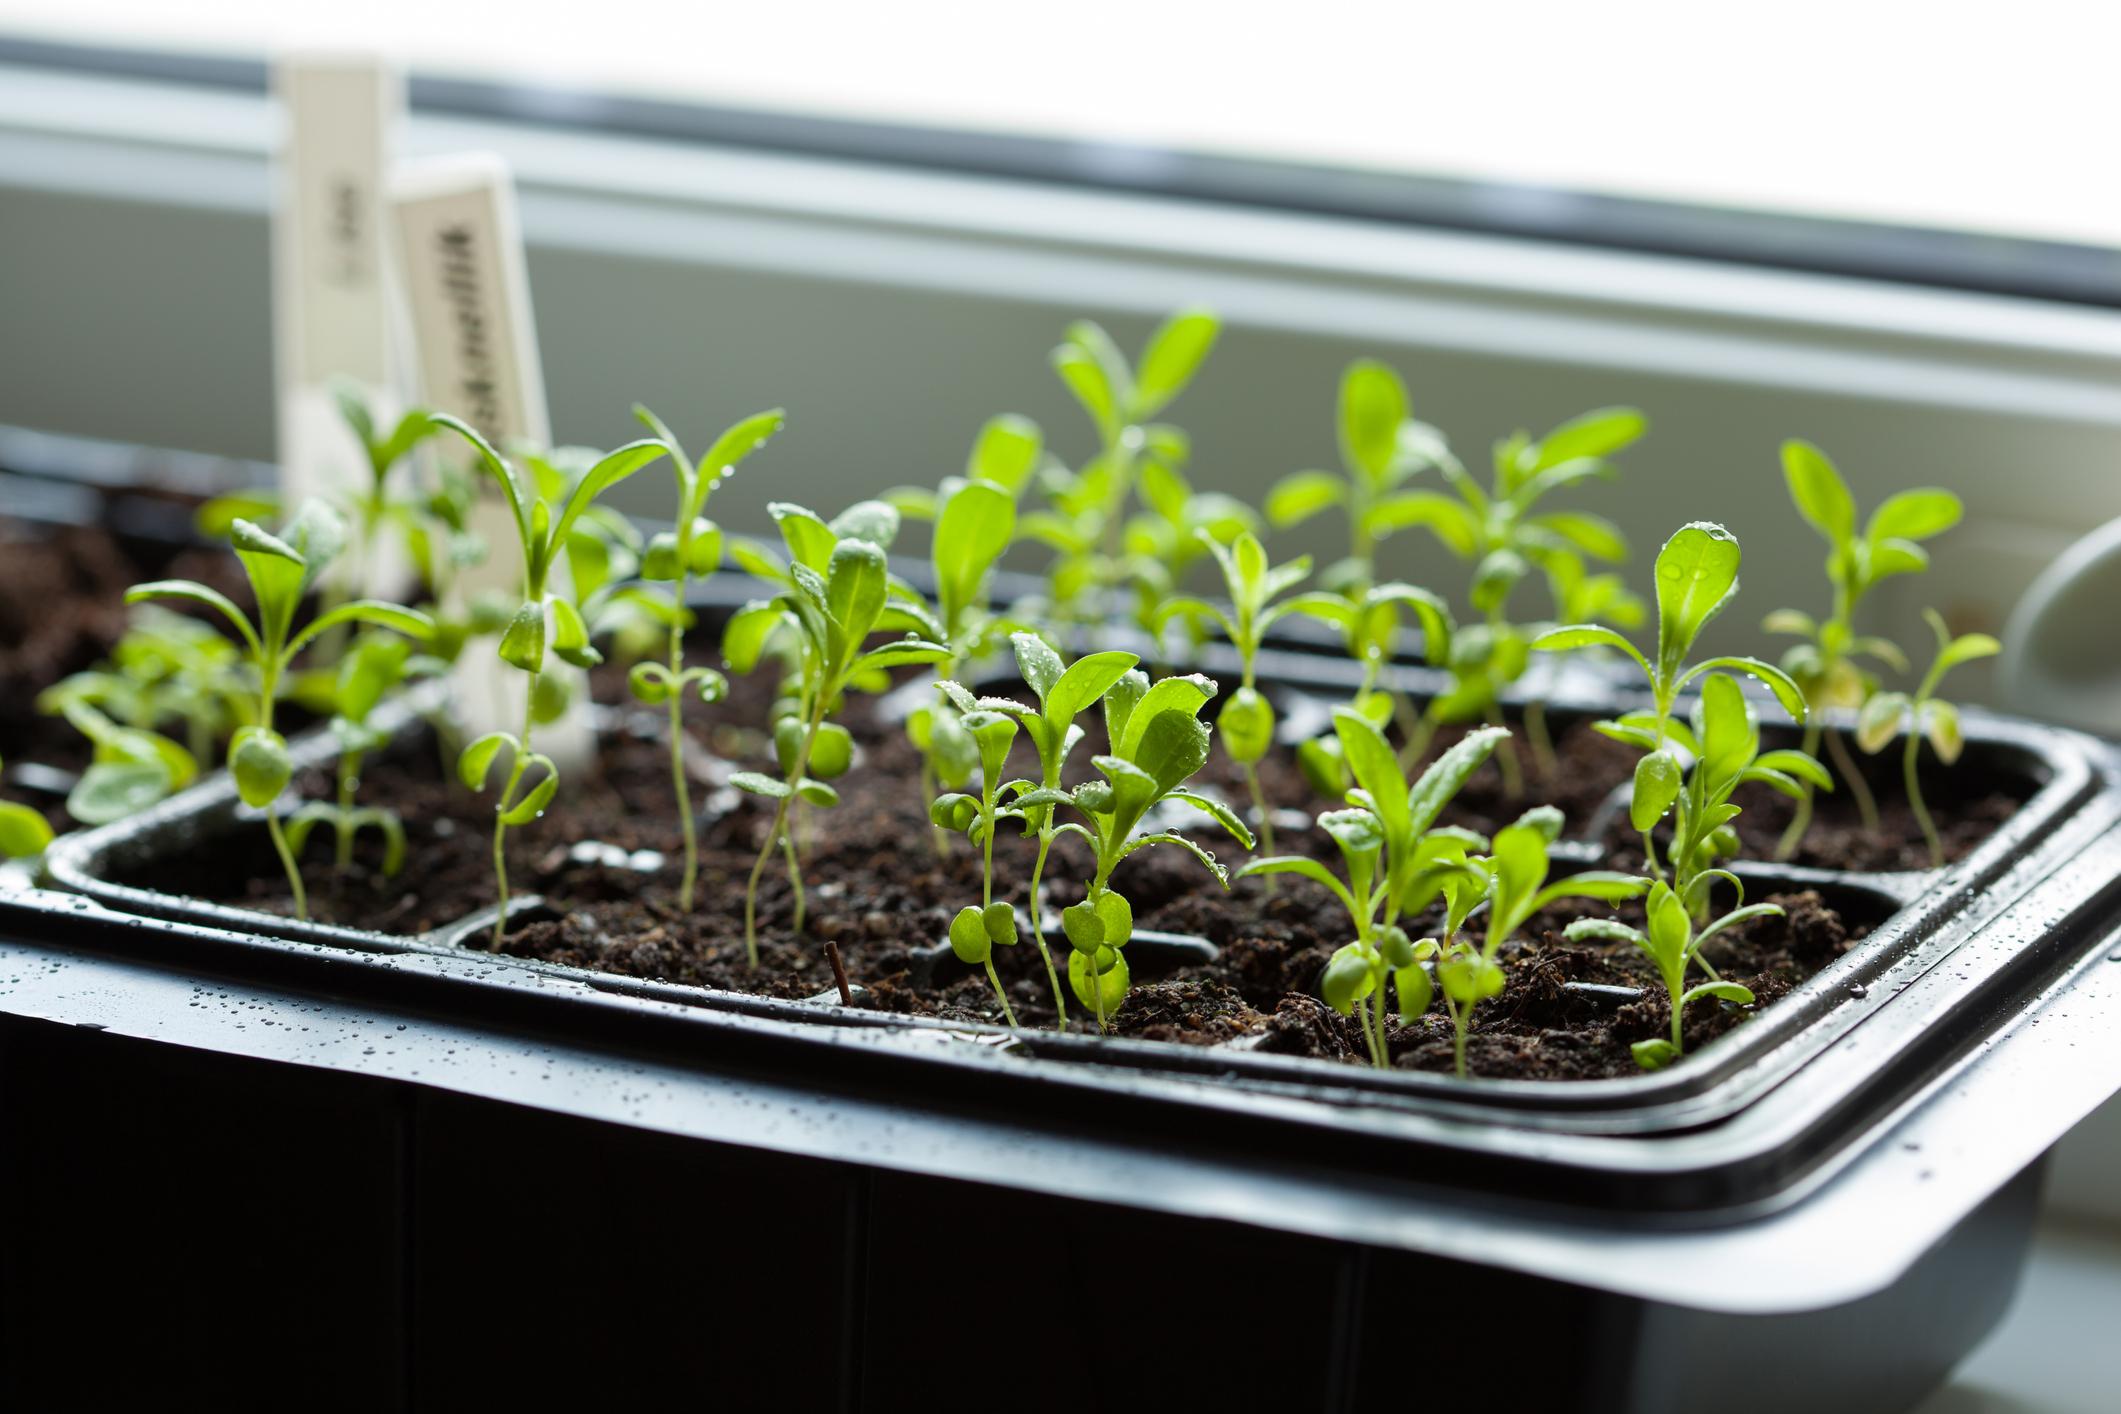 Temperaturabhängig: Manche Pflanzen wie Tomaten und Paprika dürfen erst nach den Eisheiligen im Mai ins Beet. Wenn du die Pflanzen vorziehst, gedeihen sie später umso besser.